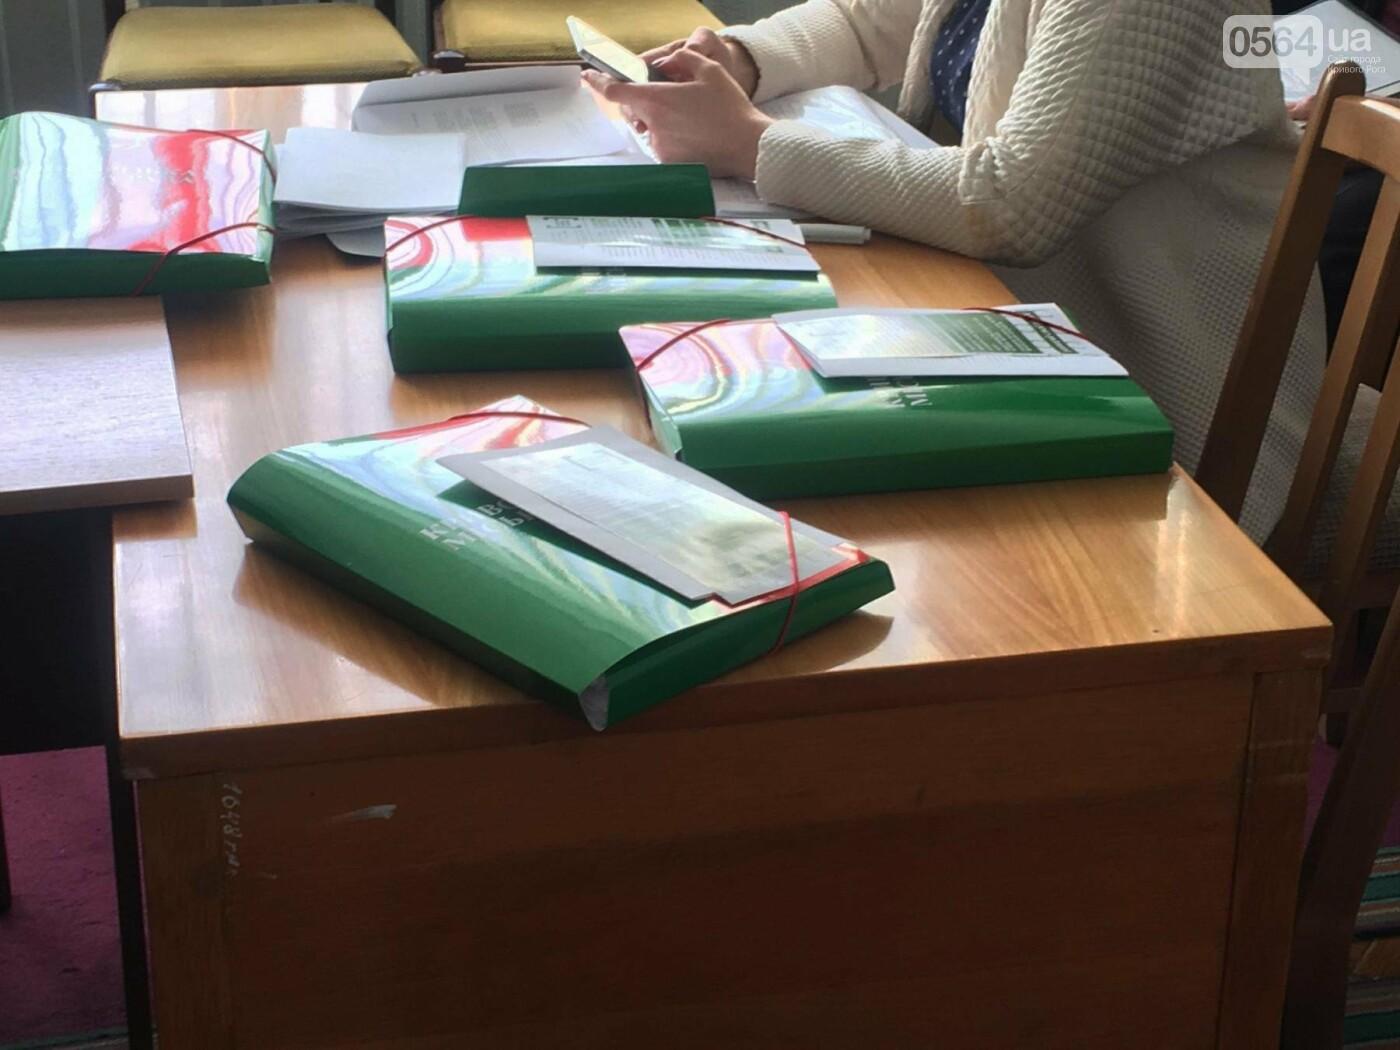 В Кривом Роге комиссия по этике и депутатской дисциплине перенесла заседание из-за отсутствия коллег (ФОТО), фото-3